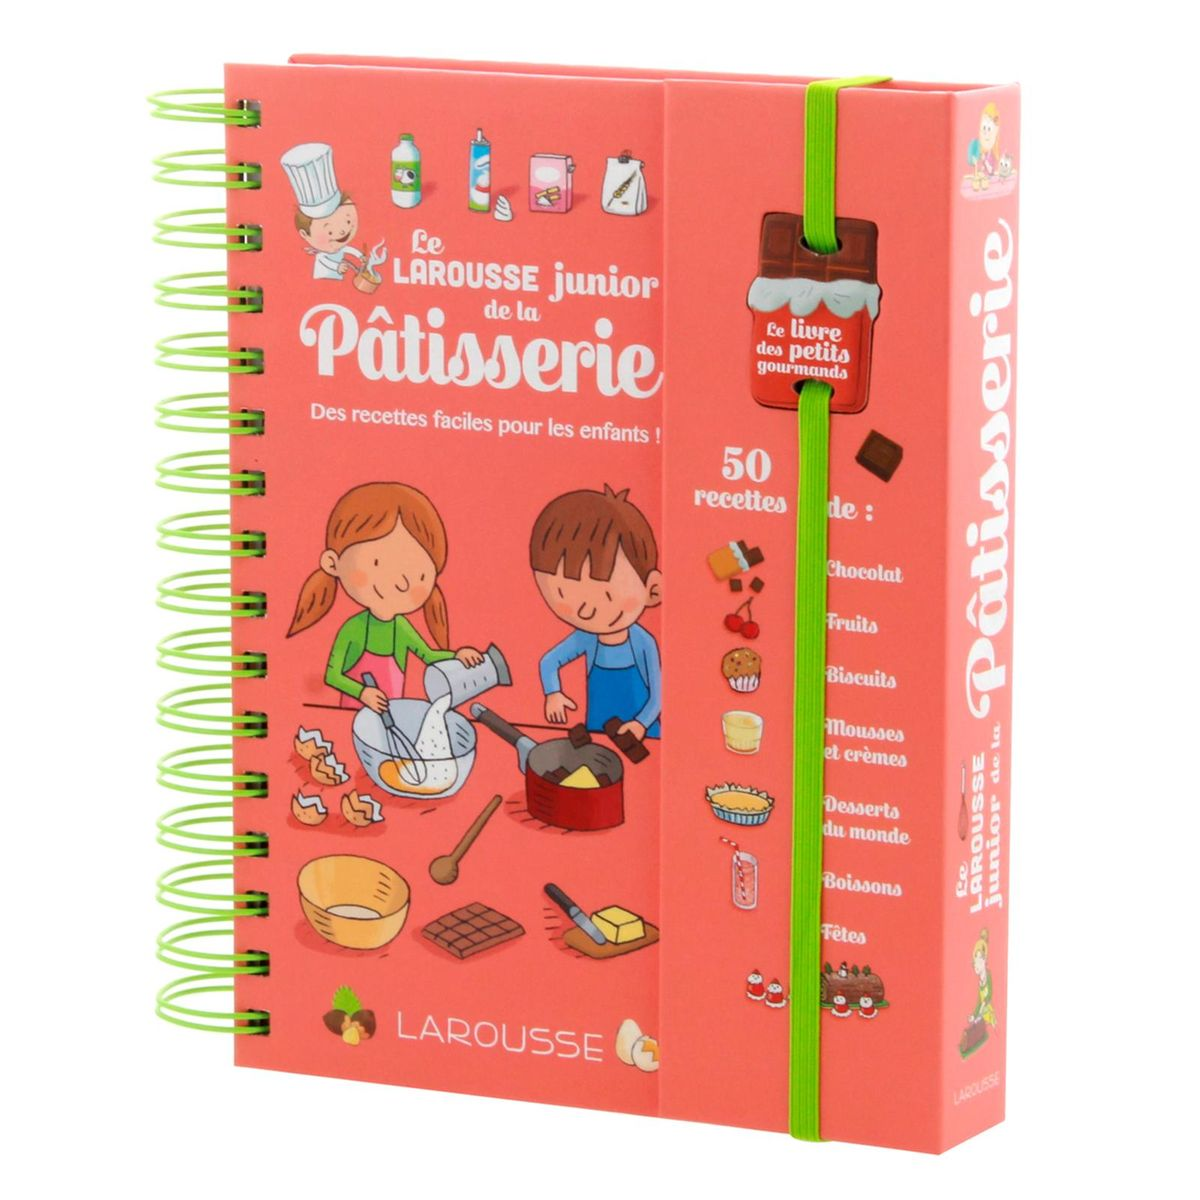 Le Larousse junior de la pâtisserie - Larousse